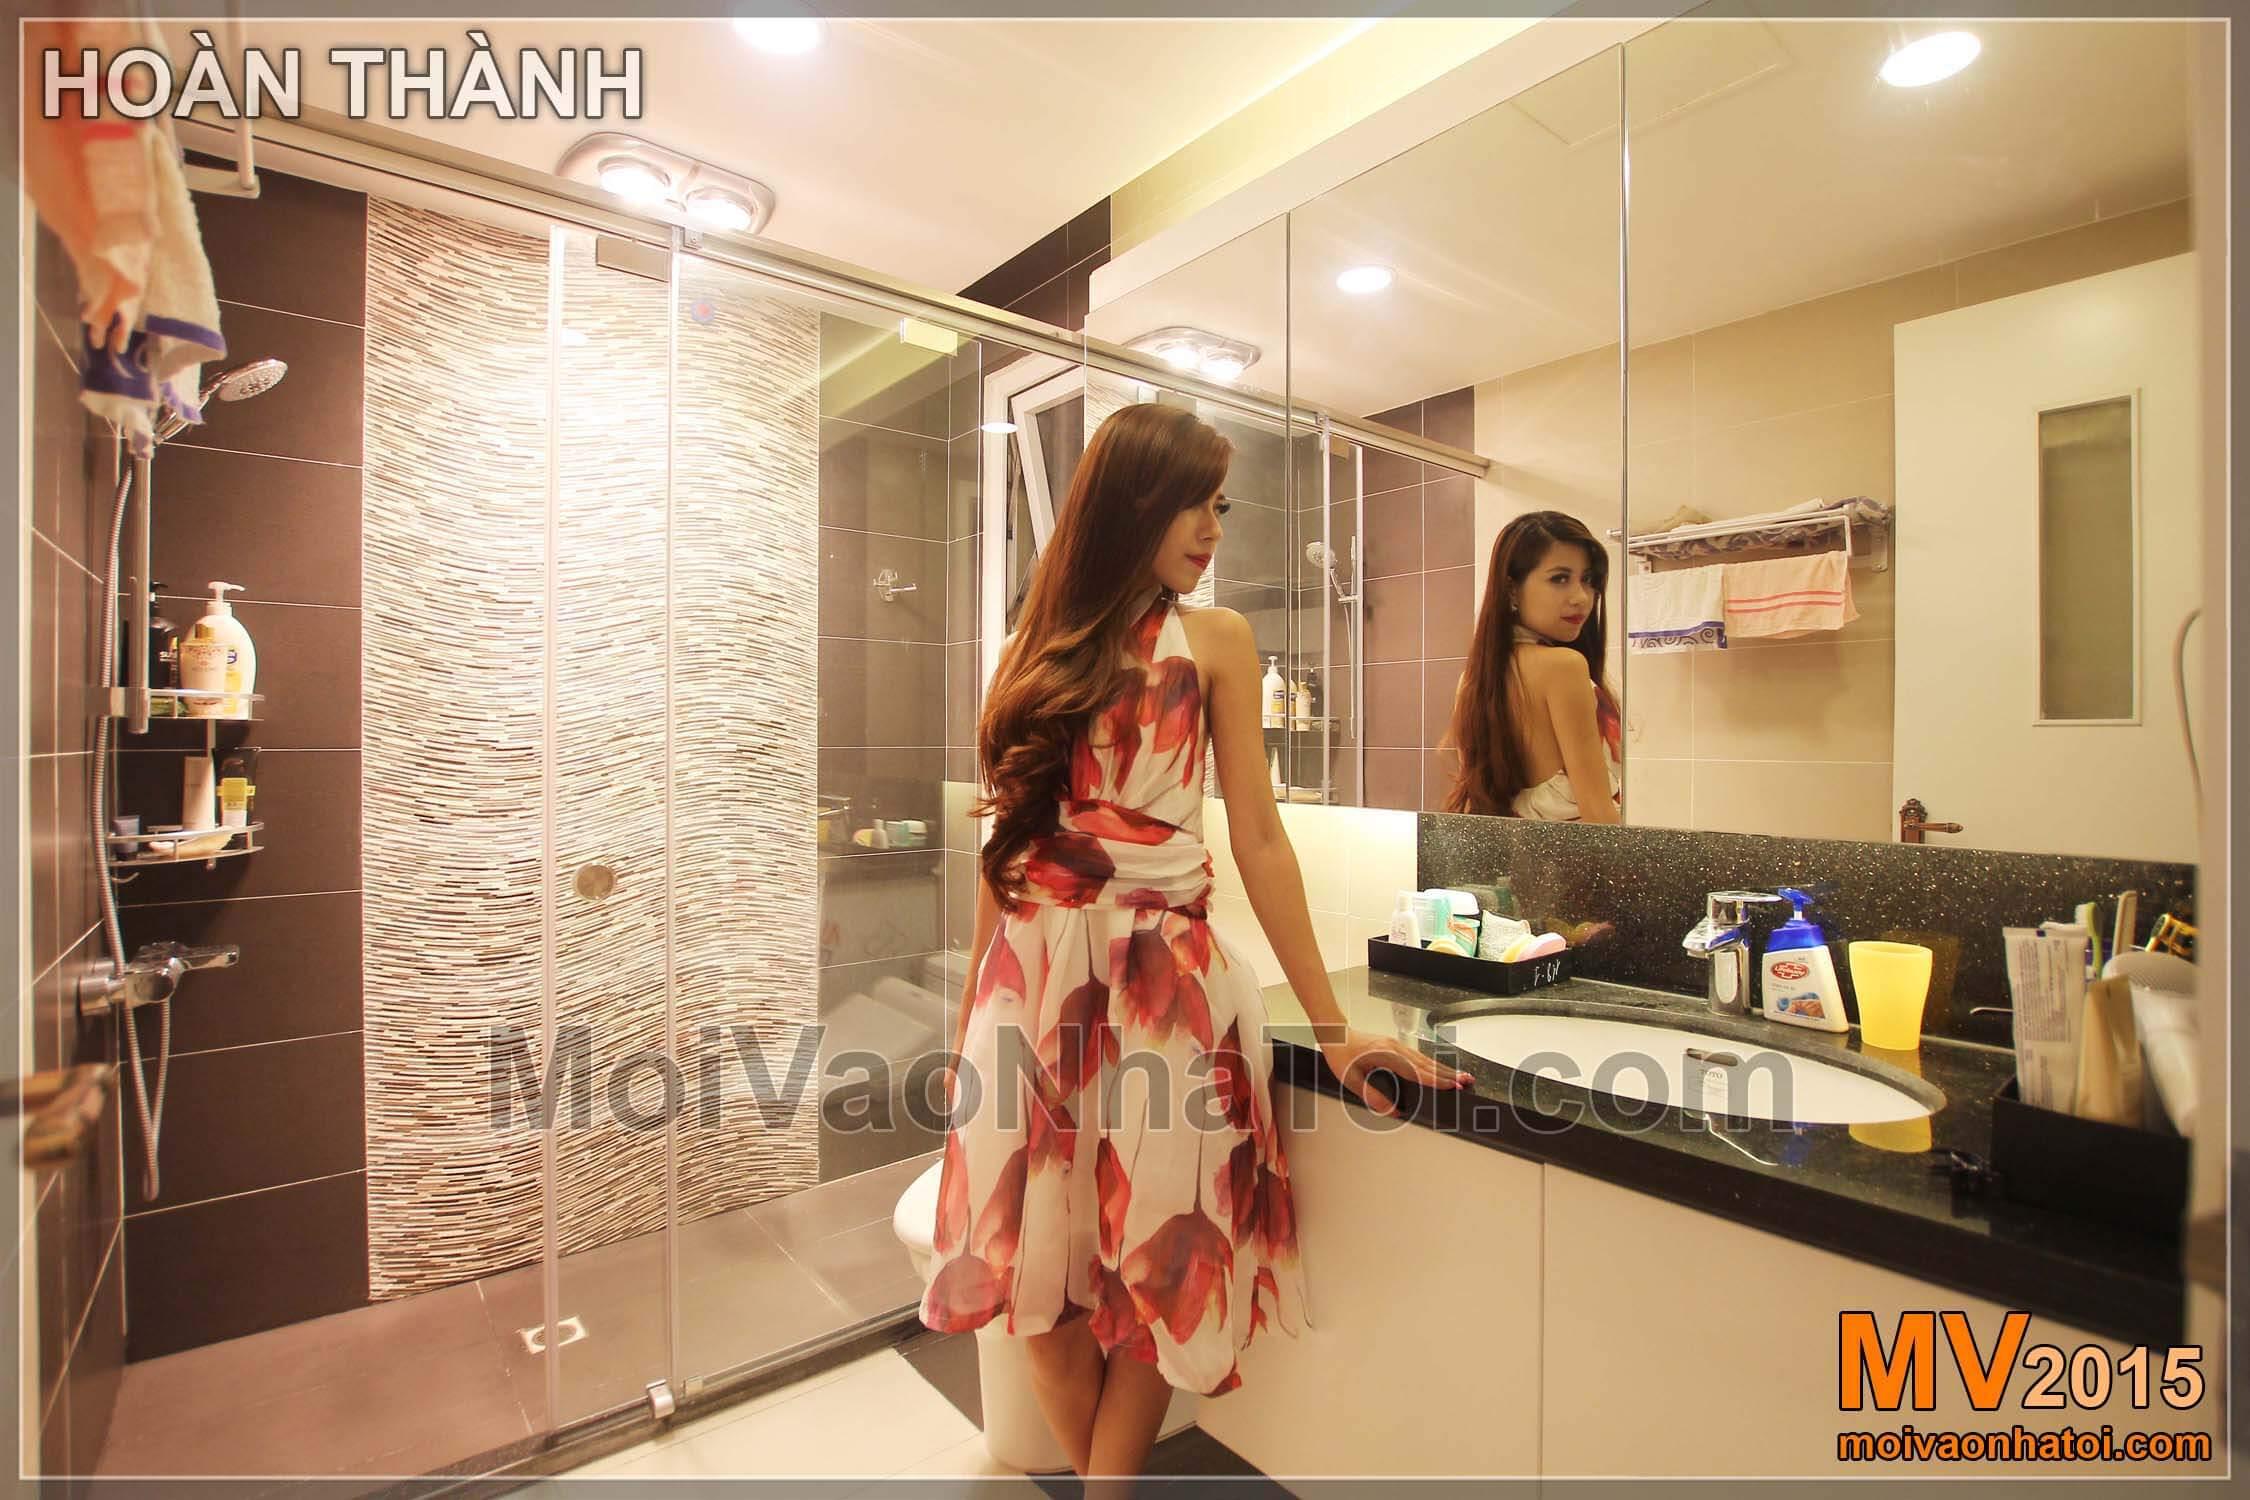 金宫公寓浴室140m2